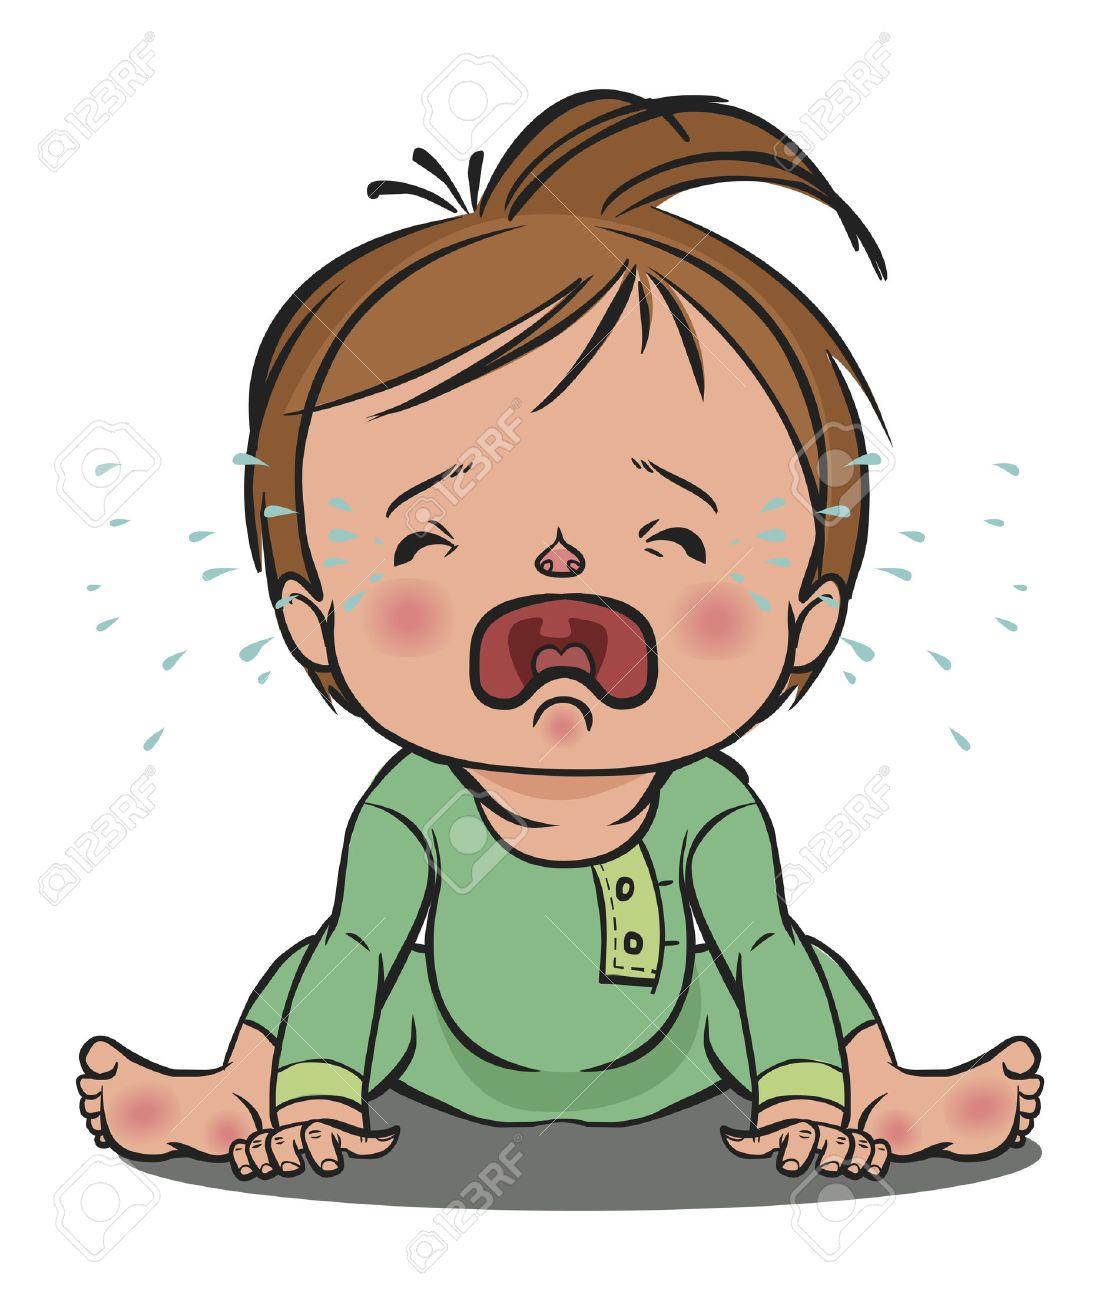 Coloriage Bebe Qui Pleure.Colore De Dessin Anime Vecteur Bebe Qui Pleure Isole Fond